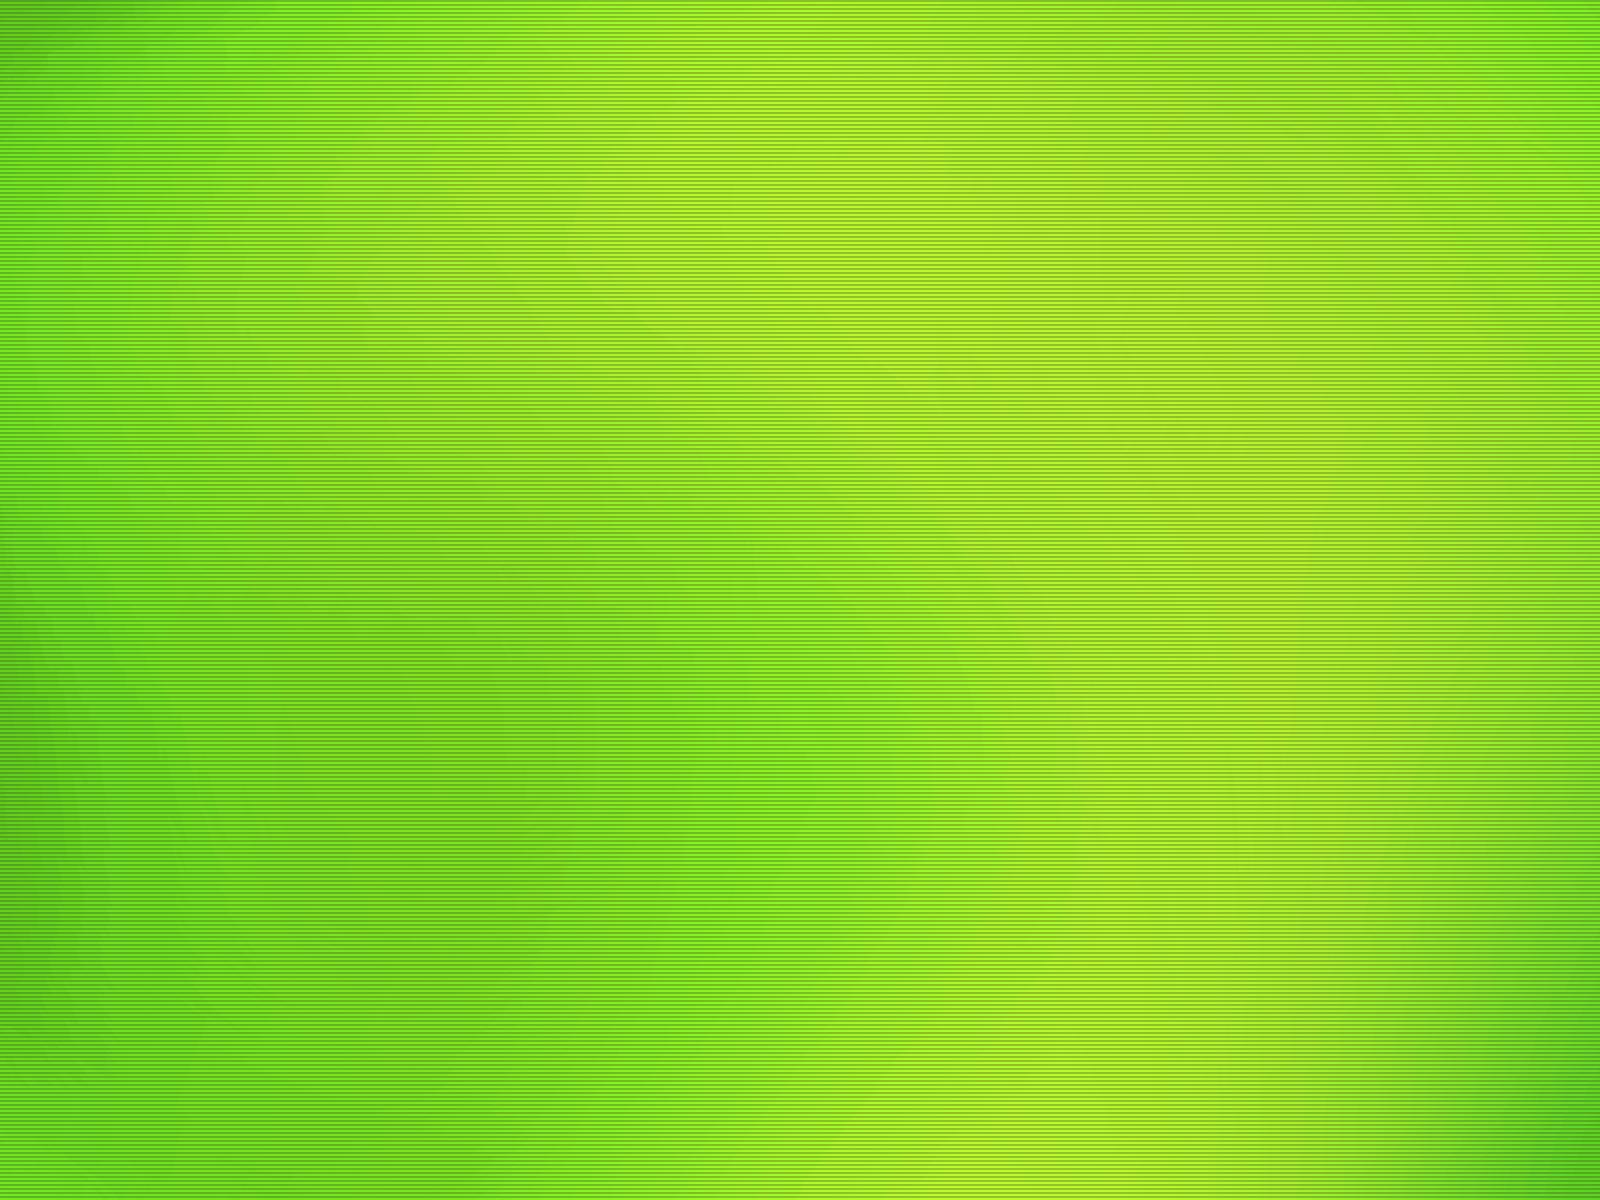 Light Green Backgrounds 1600x1200